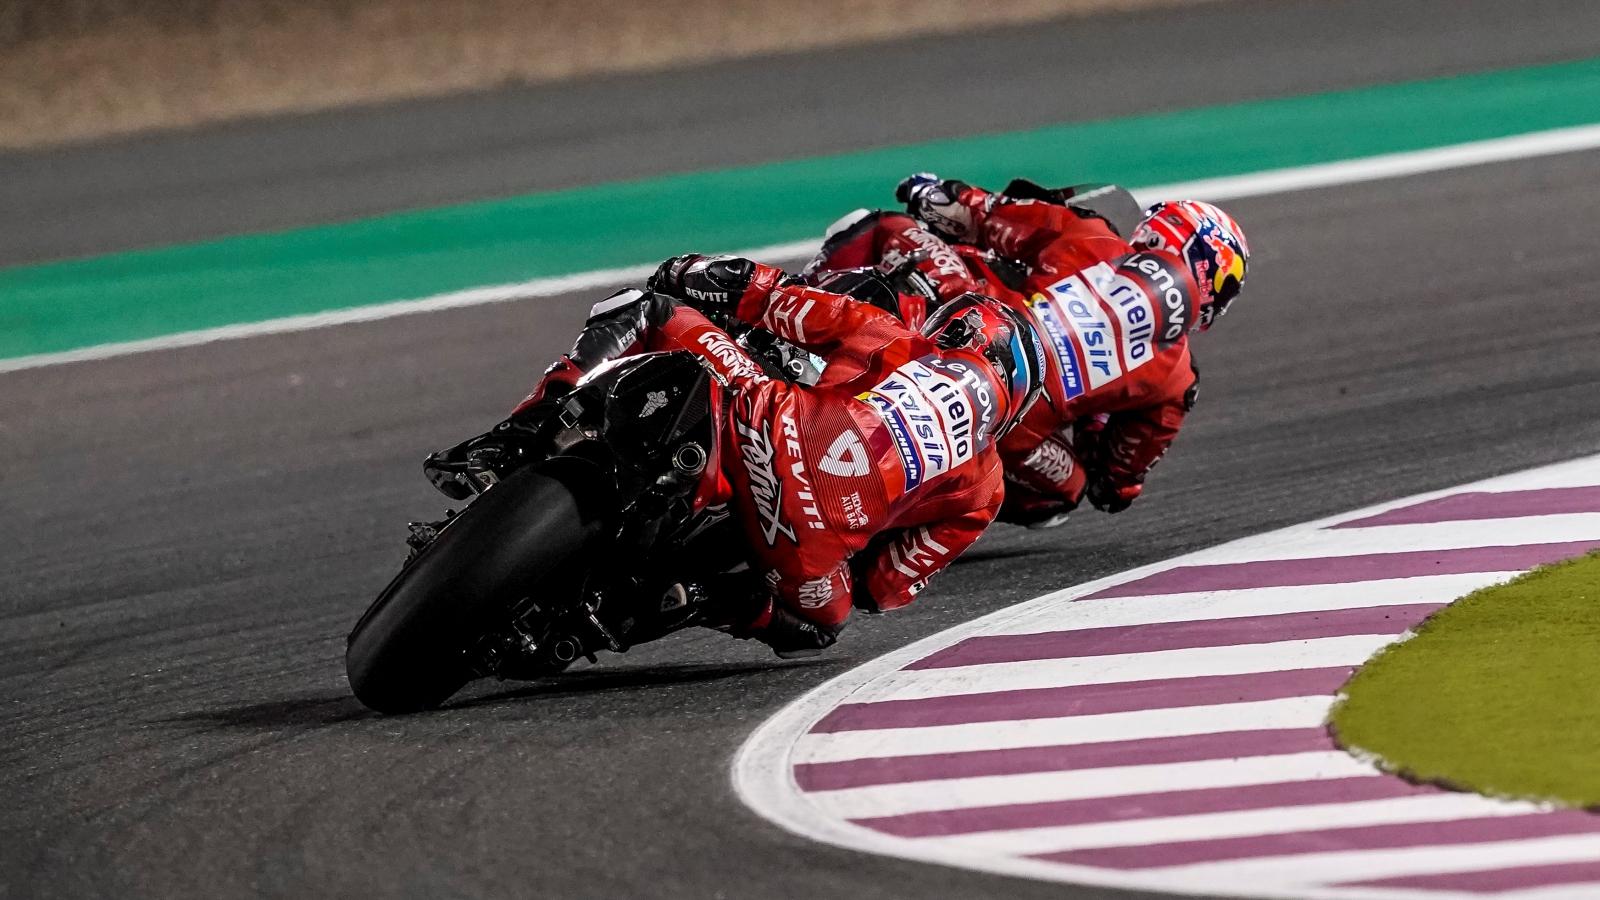 MotoGP 2019: Yamaha se compacta, Honda conserva, Suzuki ríe y Ducati se guarda